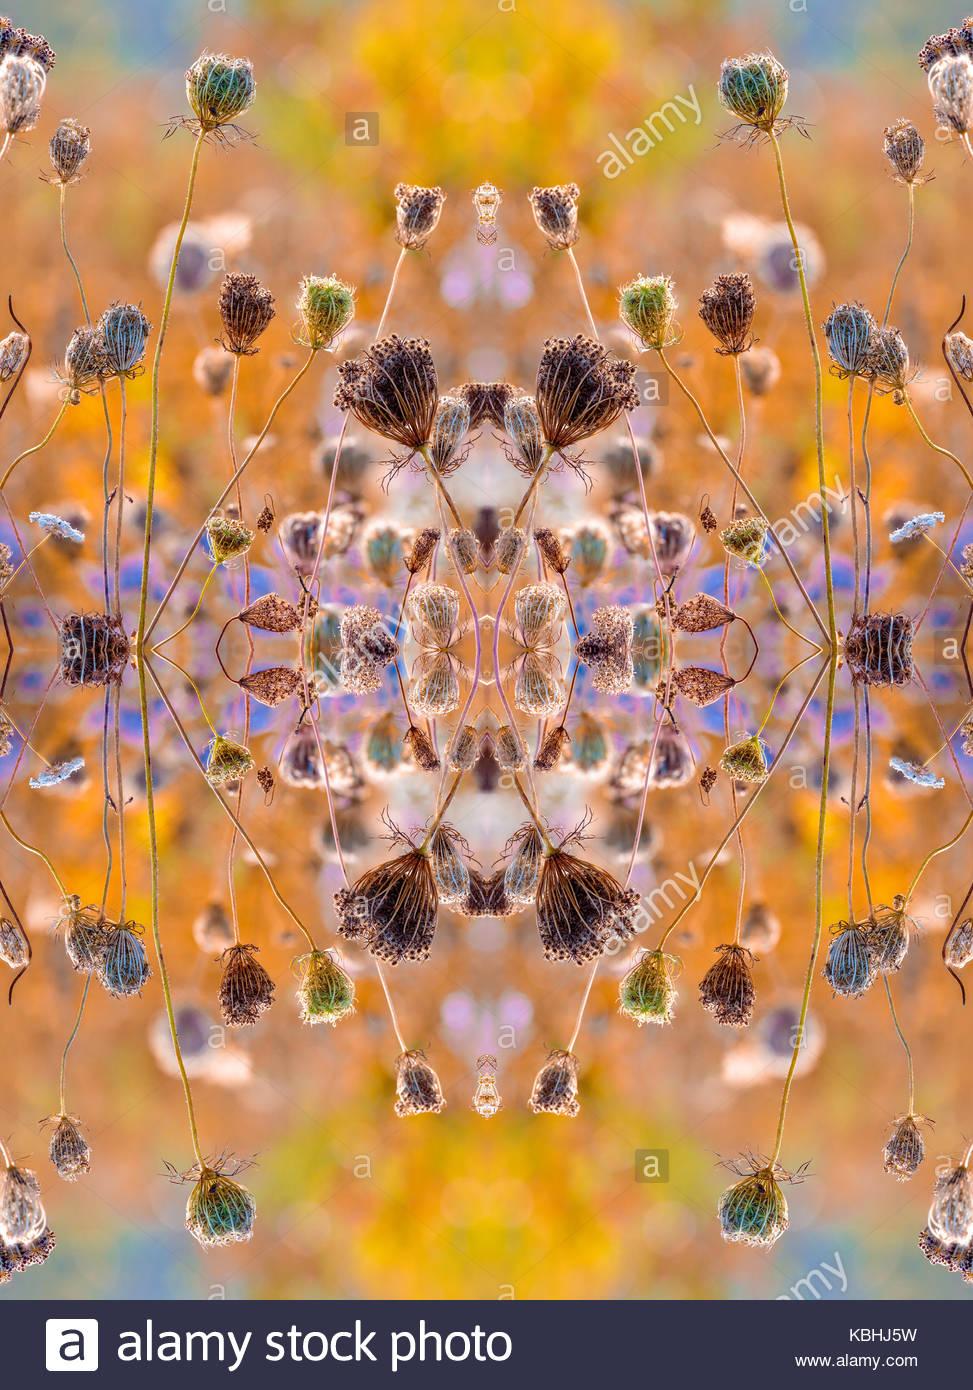 Kaléidoscope plan des grappes de fruits Carotte Carotte sauvage Daucus carota la symétrie miroir hallucination Photo Stock